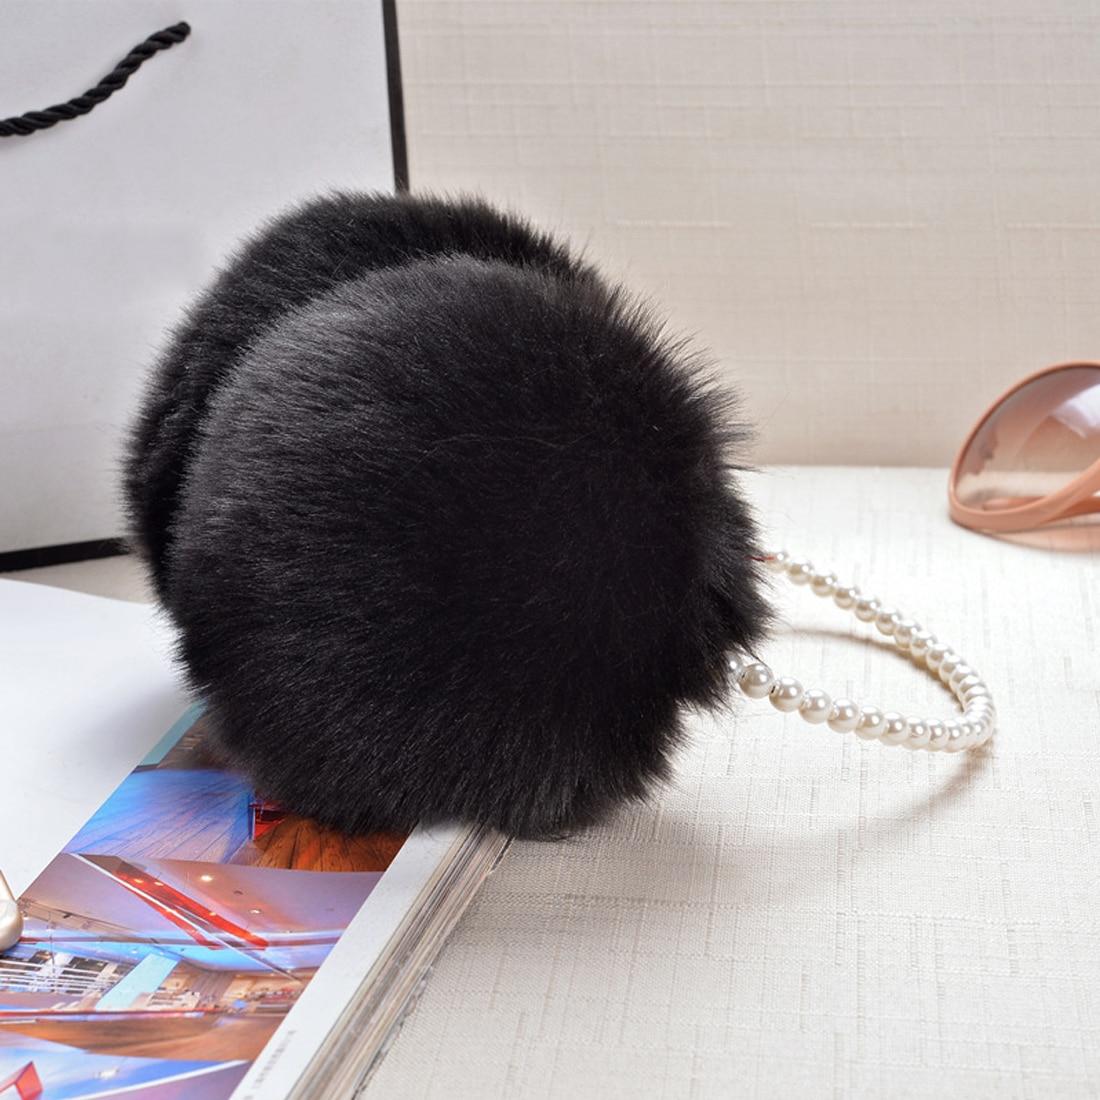 Comfortable Fashion Rabbit Fur Earmuffs Ear Muffs Ear Warmers Earmuffs Winter Outdoor Women Christmas Gifts